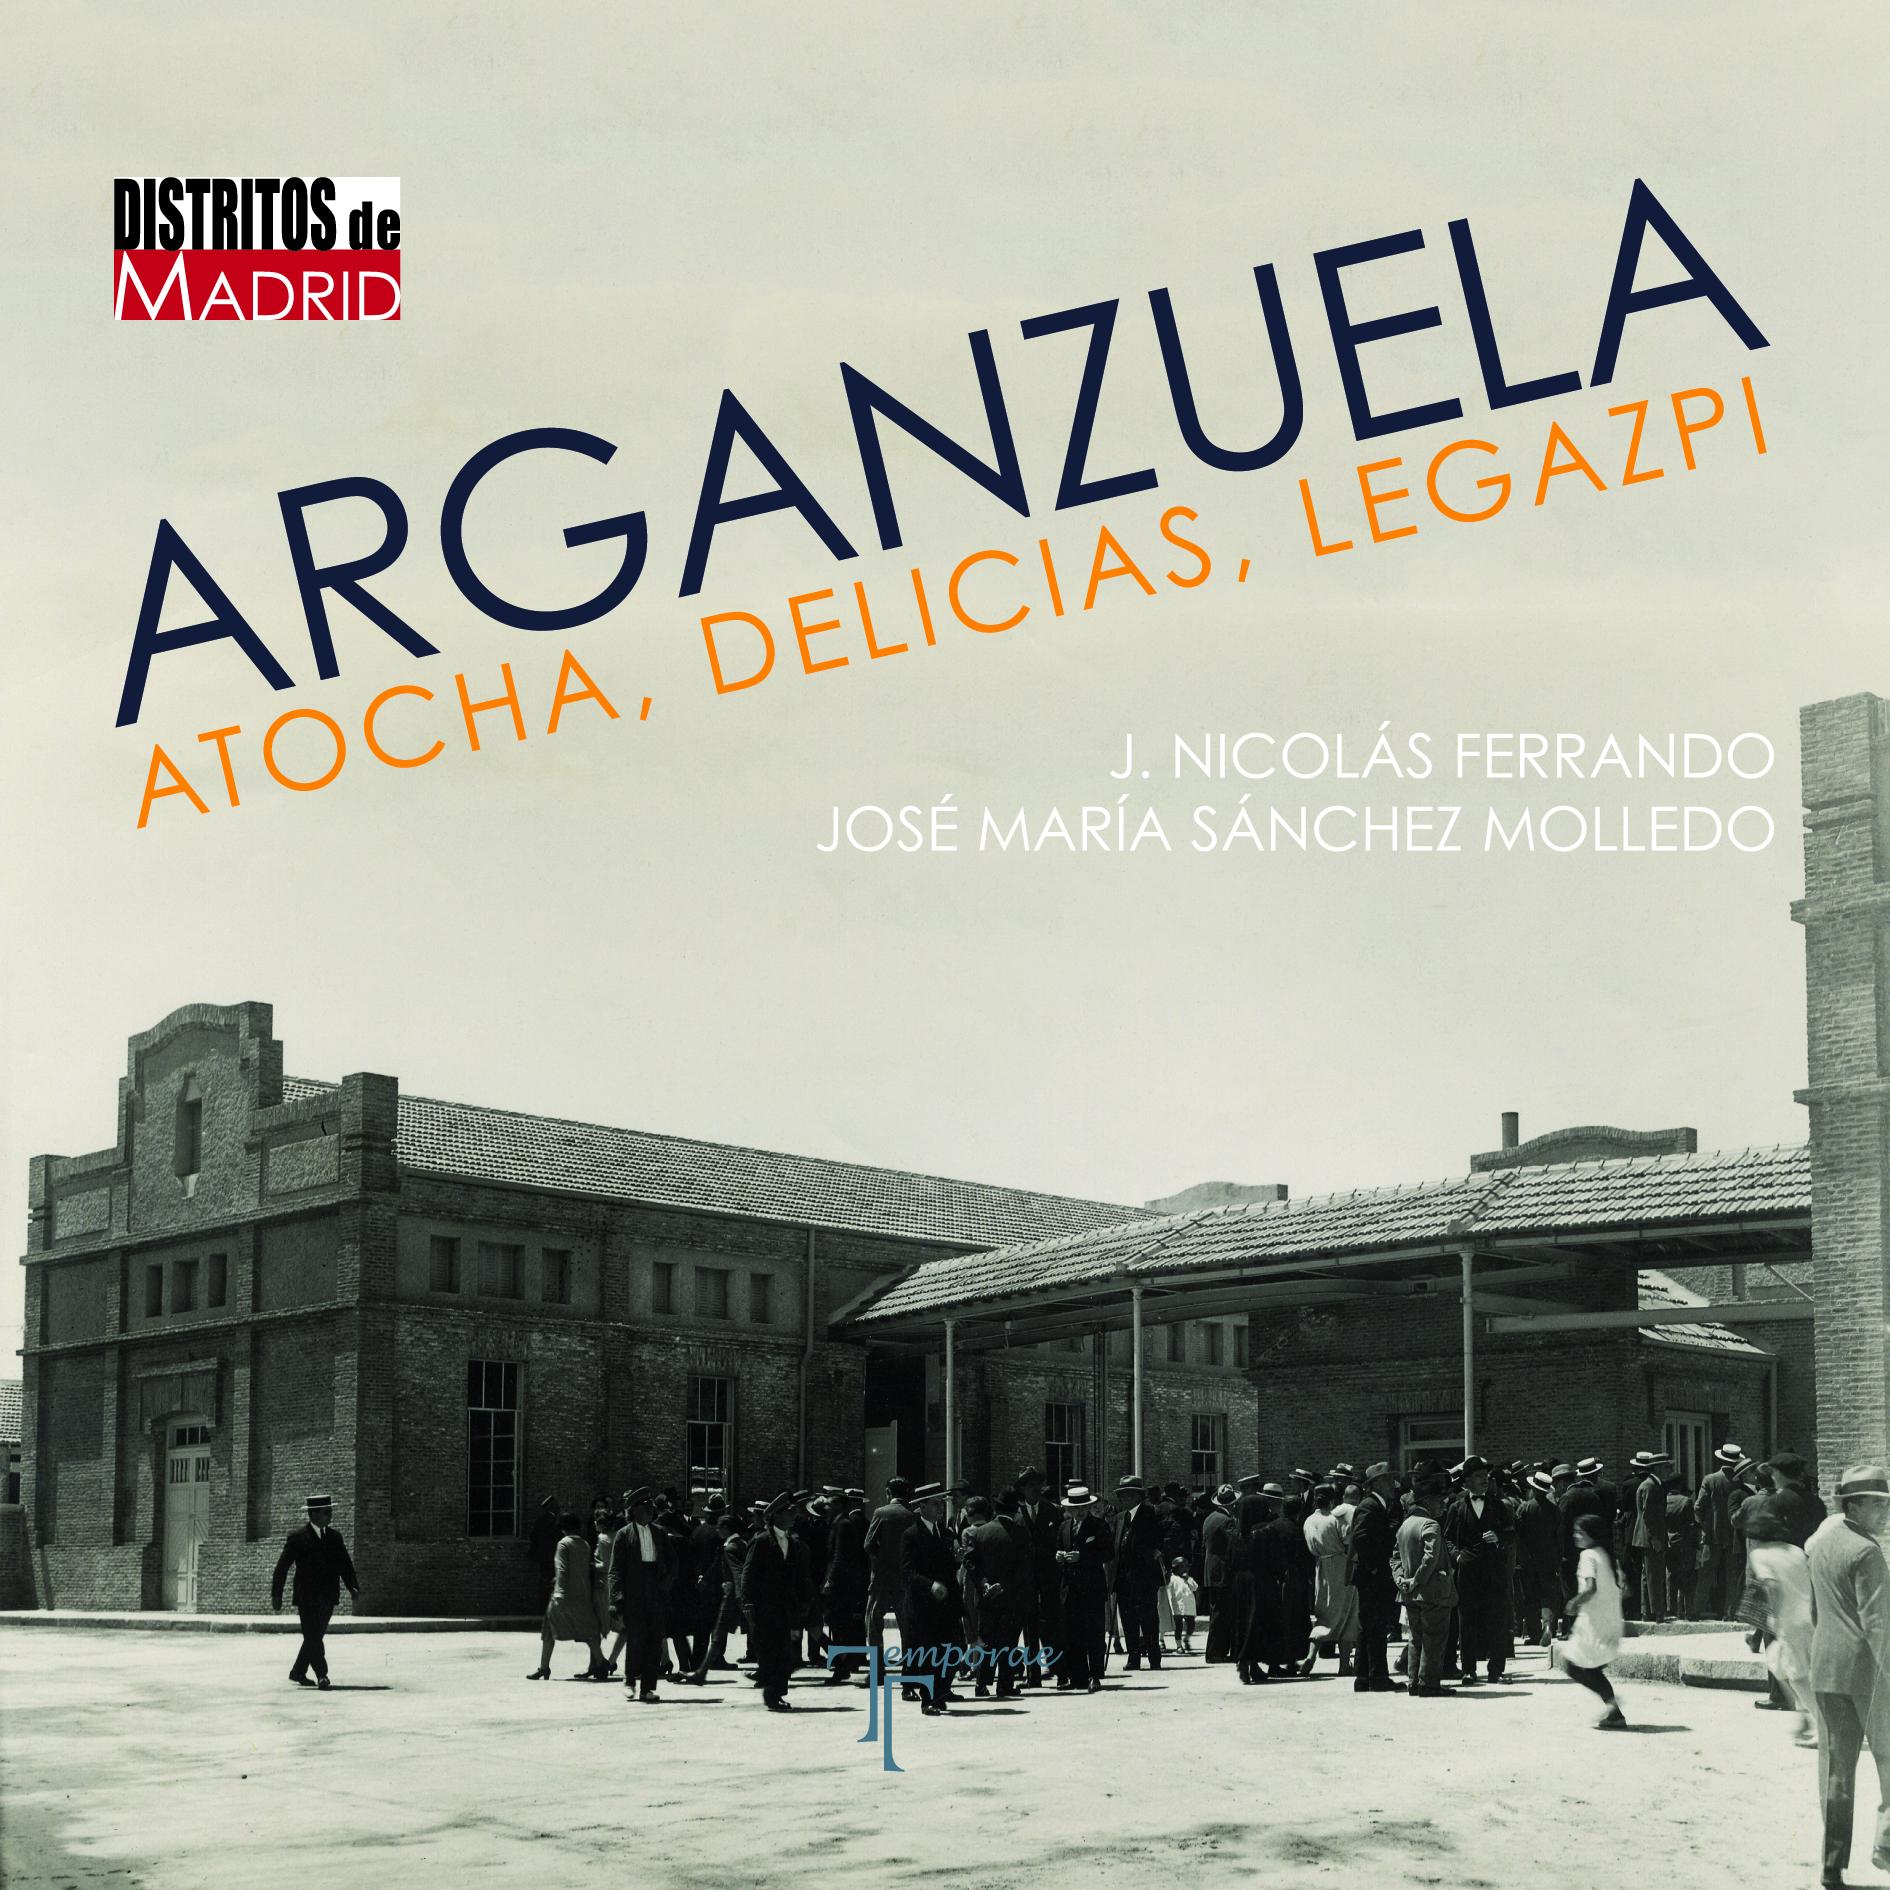 Recomendamos… 'Arganzuela: Atocha, Delicias y Legazpi'